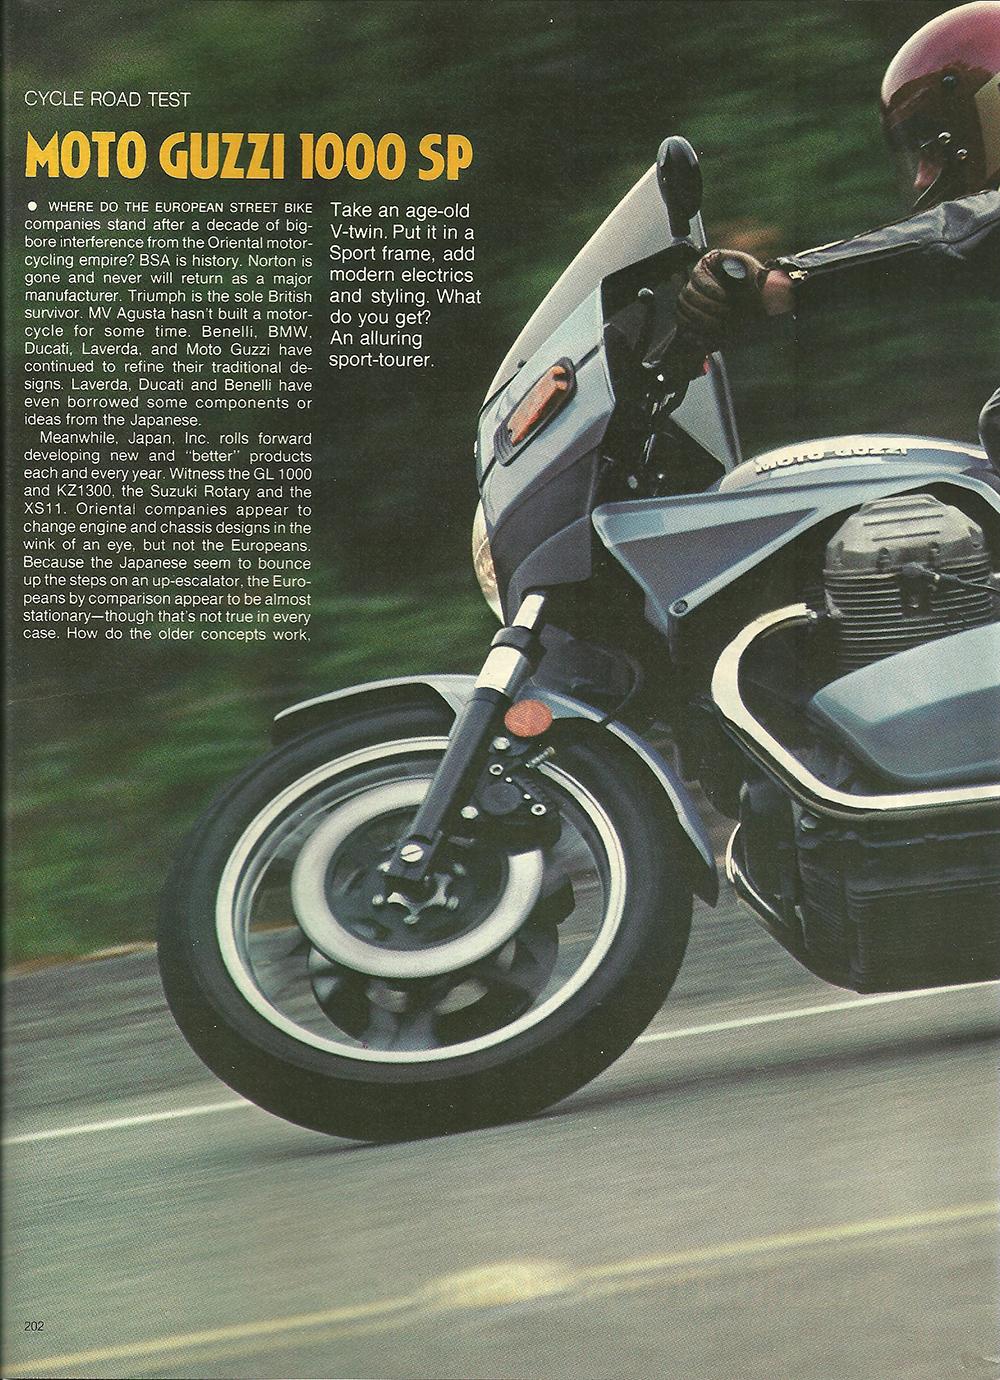 1979 Moto Guzzi 1000 SP road test 01.jpg